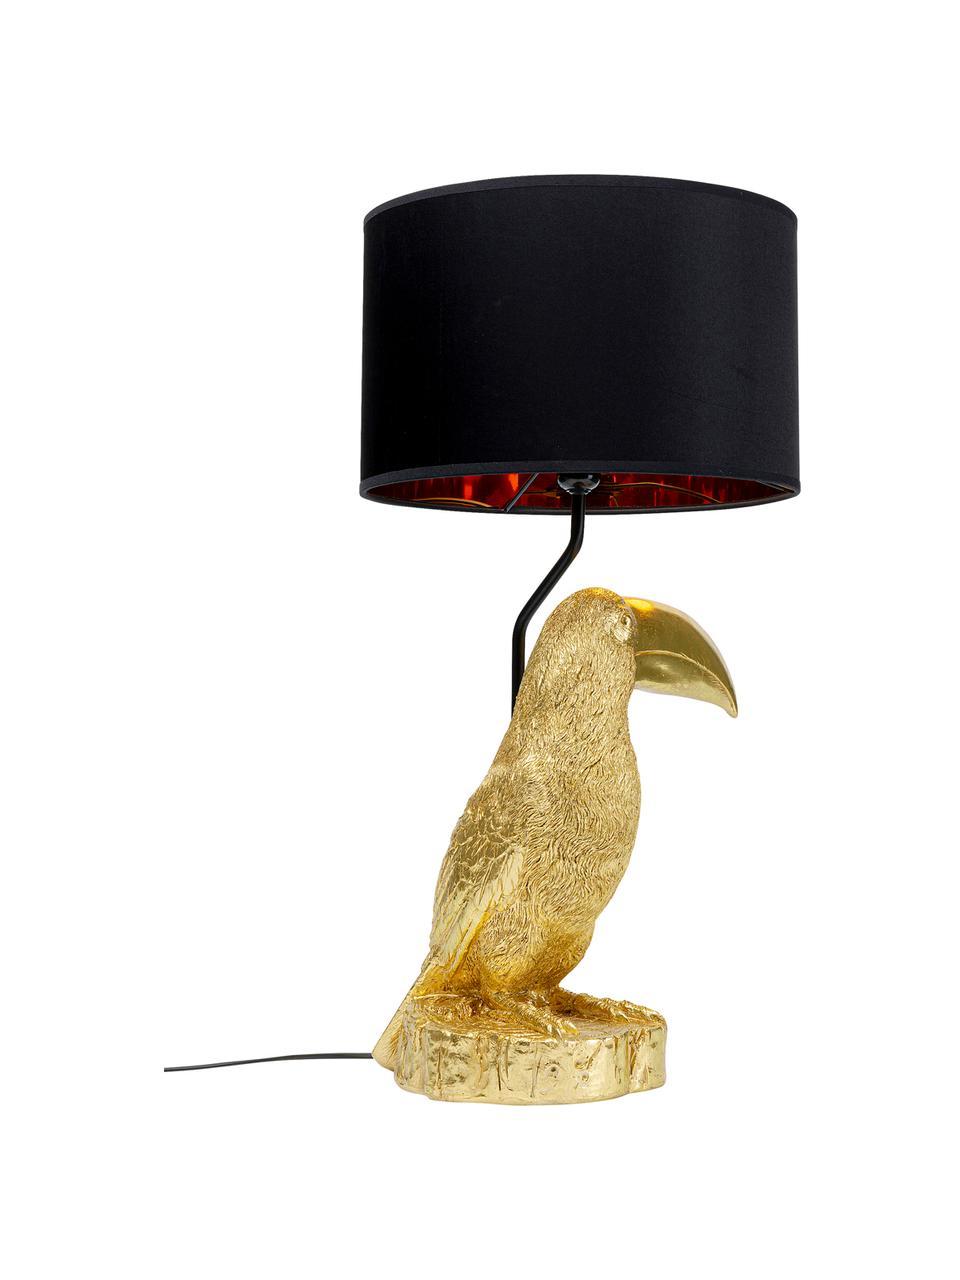 Velká stolní lampa z pozlaceného vápence Toucan, Zlatá, černá